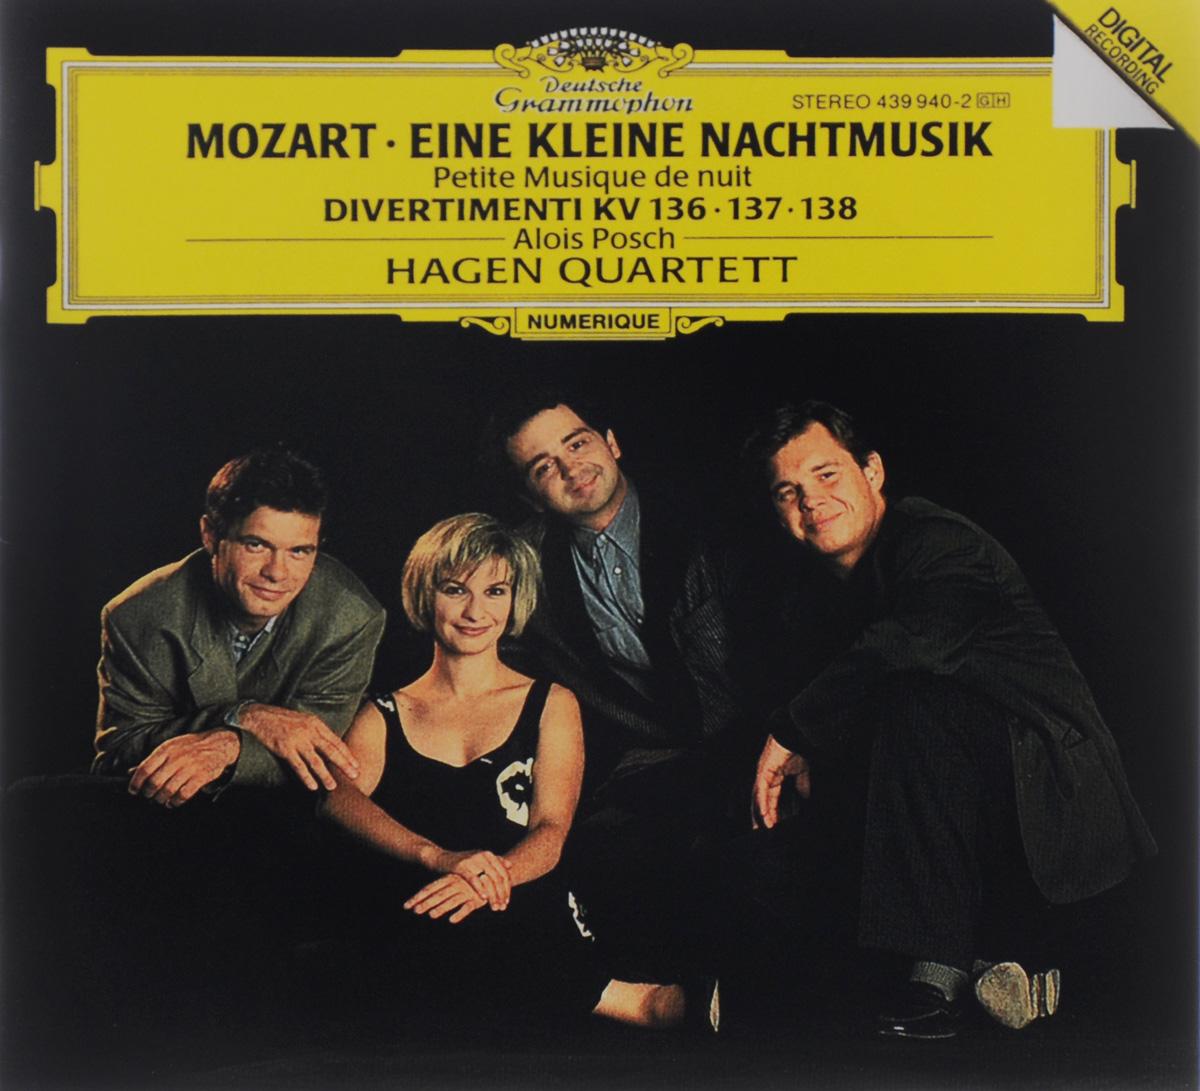 Алоис Пош,Hagen Quartett Alois Posch. Mozart. Eine Kleine Nachtmusik / Divertimenti KV 136, 137, 138 wolfgang amadeus mozart eine kleine nachtmusik cd